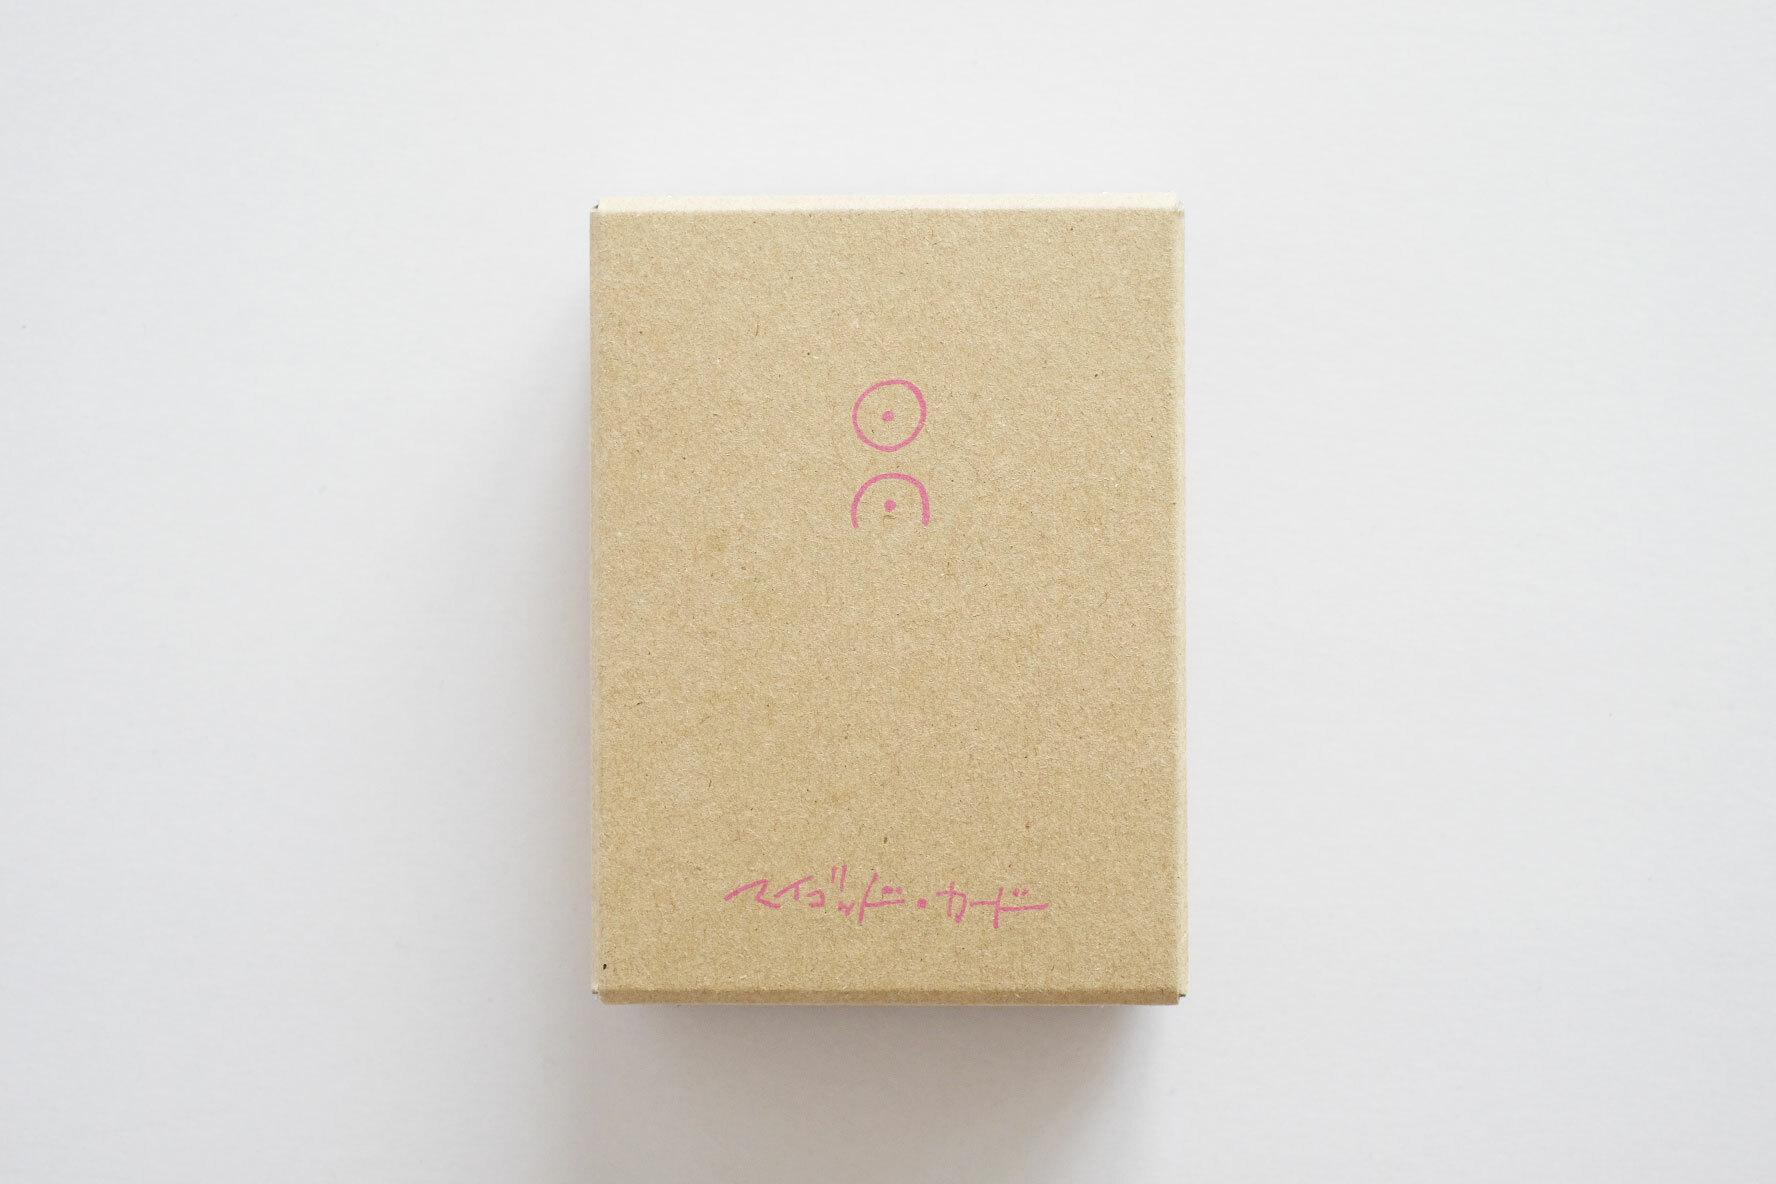 My God Card 'Love'